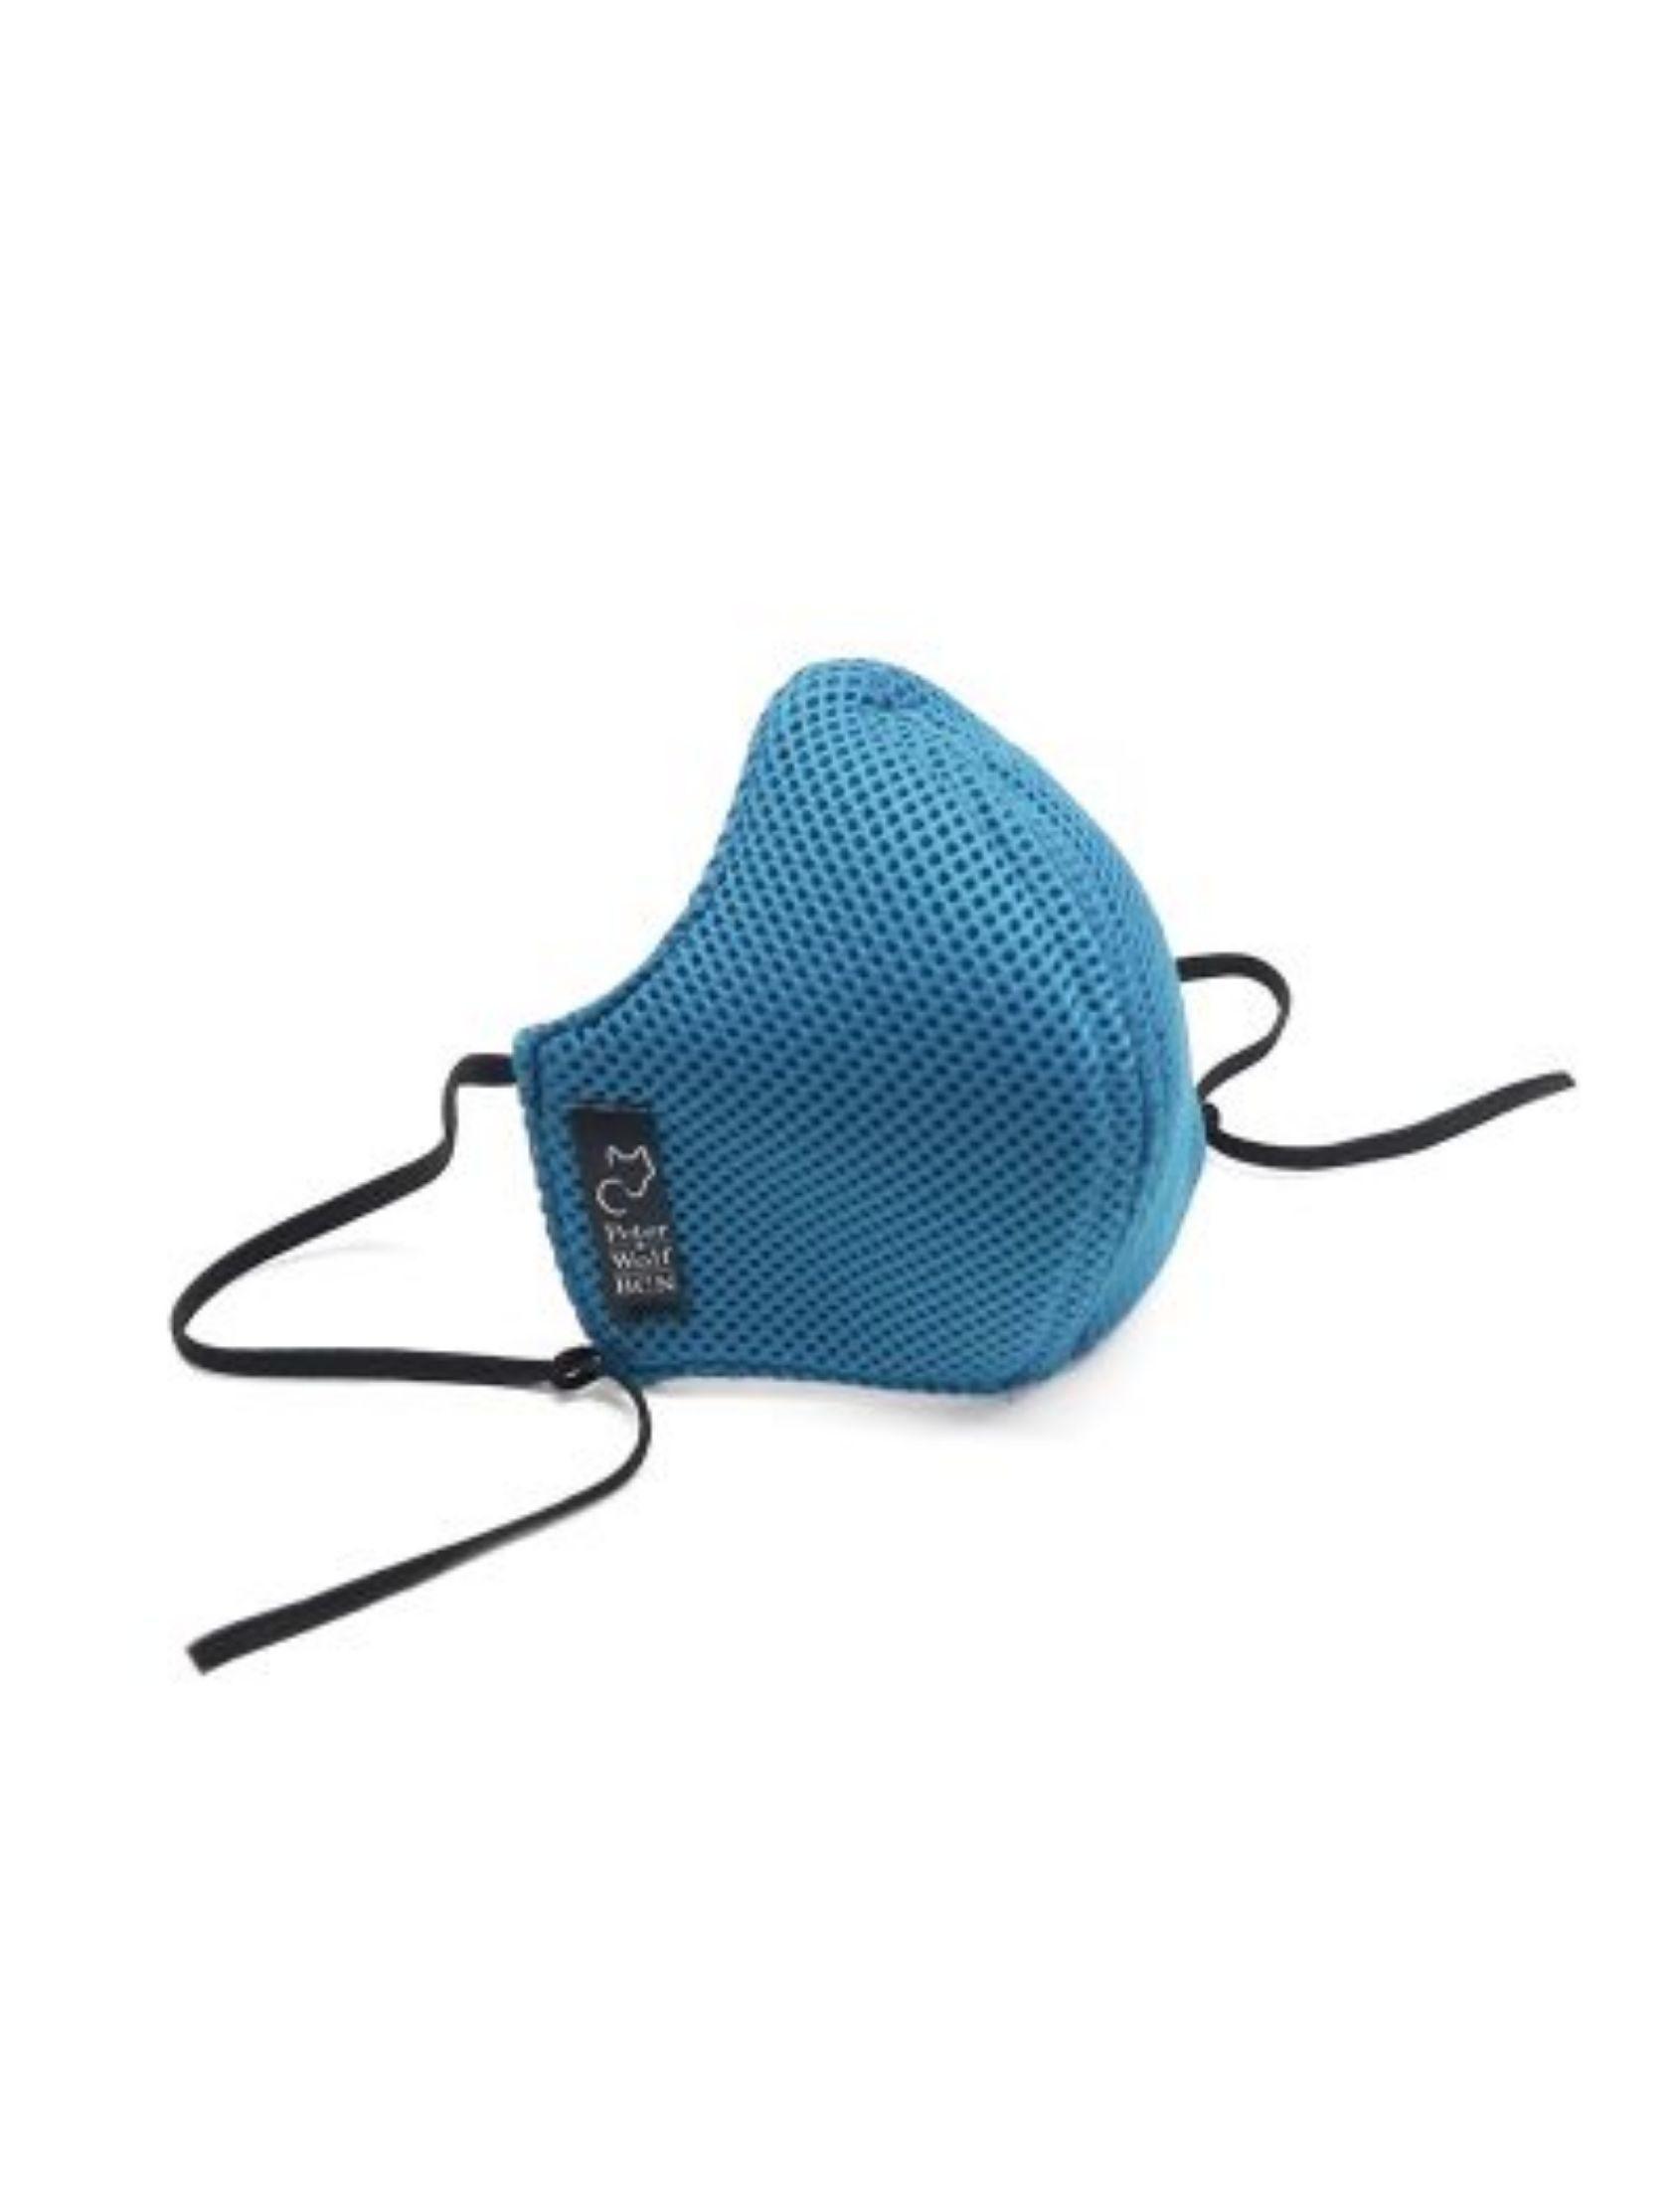 mascarilla reutilizable unisex modelo sport en color azul celeste